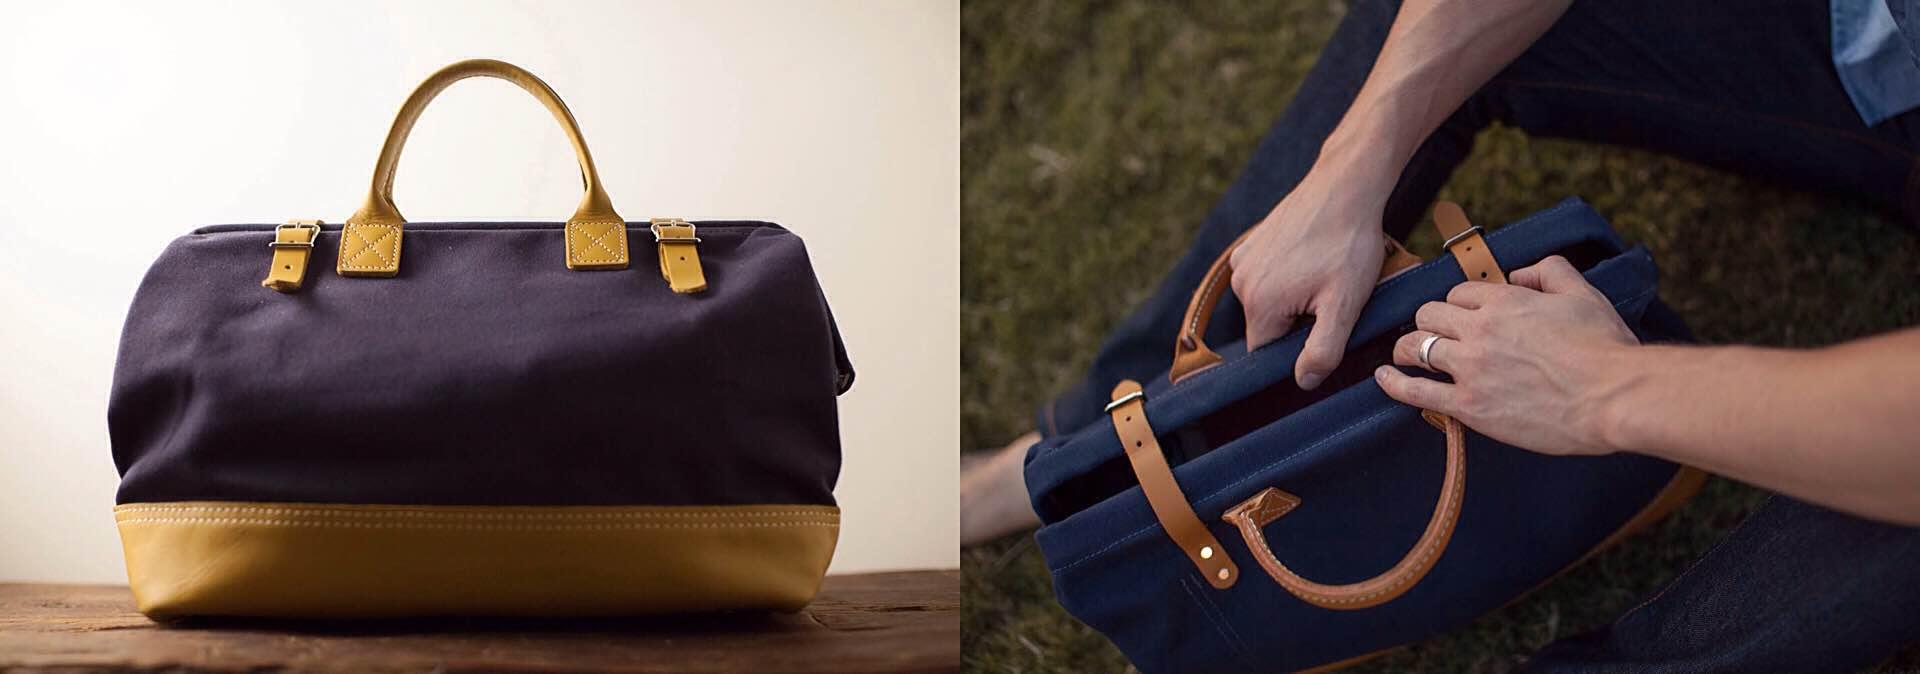 s-c-r-essentials-bag-img